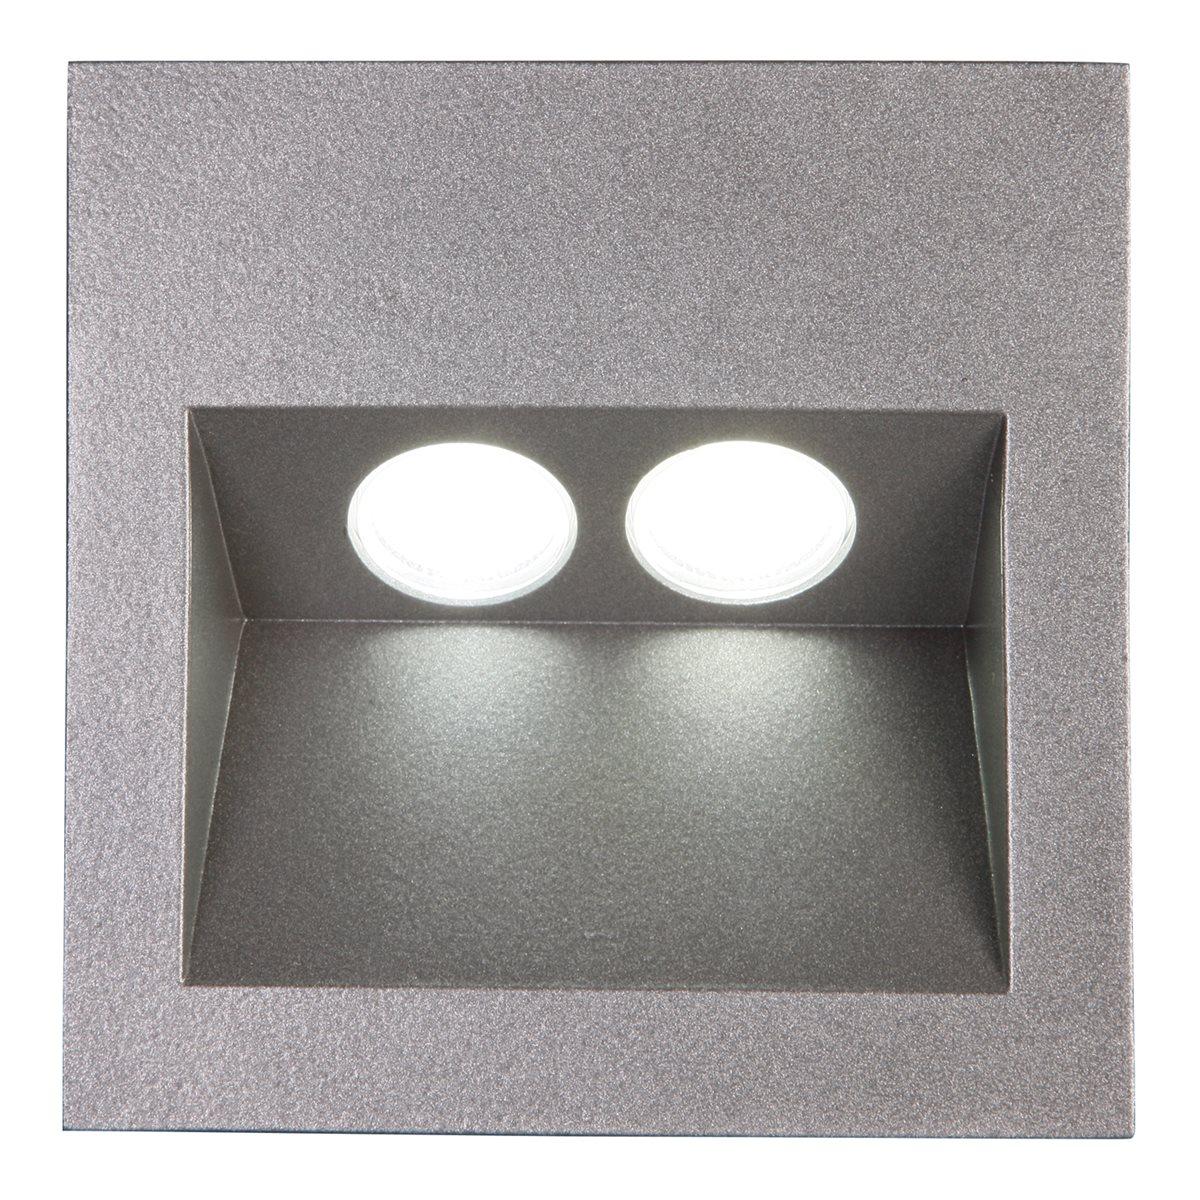 Großartig Lampenlux LED Einbaustrahler Aussenleuchte Taimy IP65 230V Spot  BE93